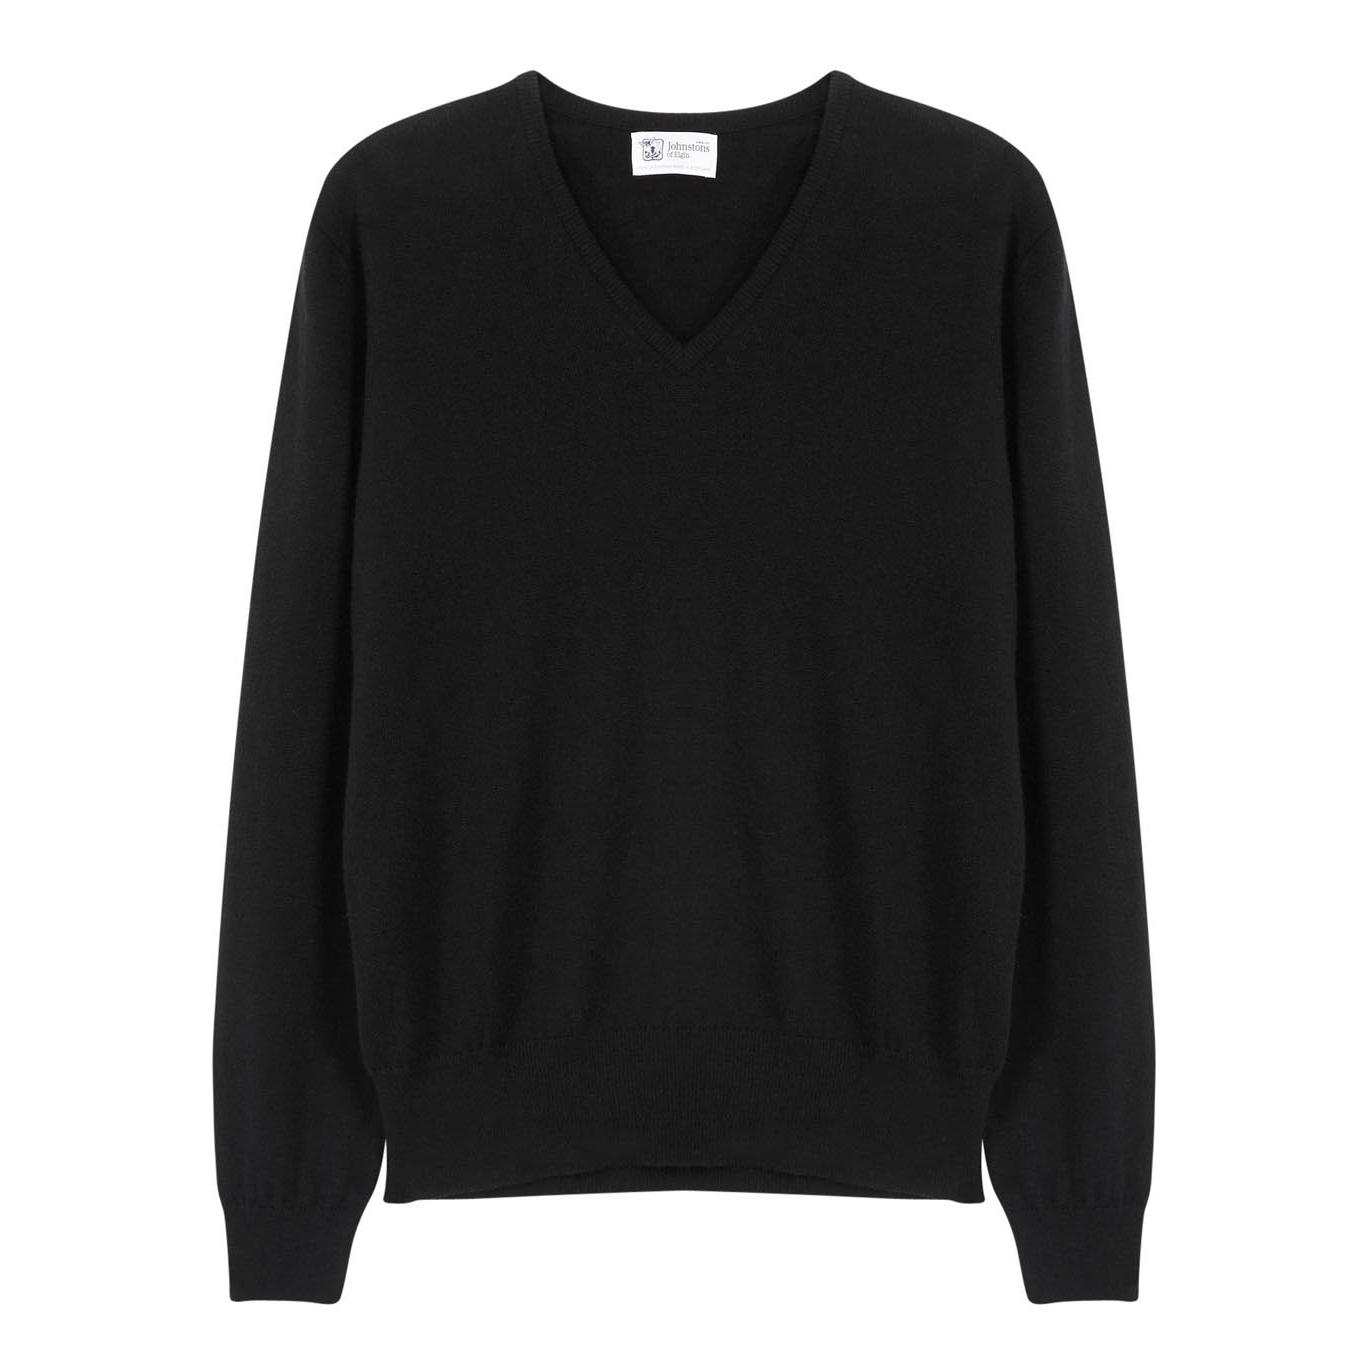 Johnstons of Elgin Black cashmere jumper - Harvey Nichols 86b82661254d